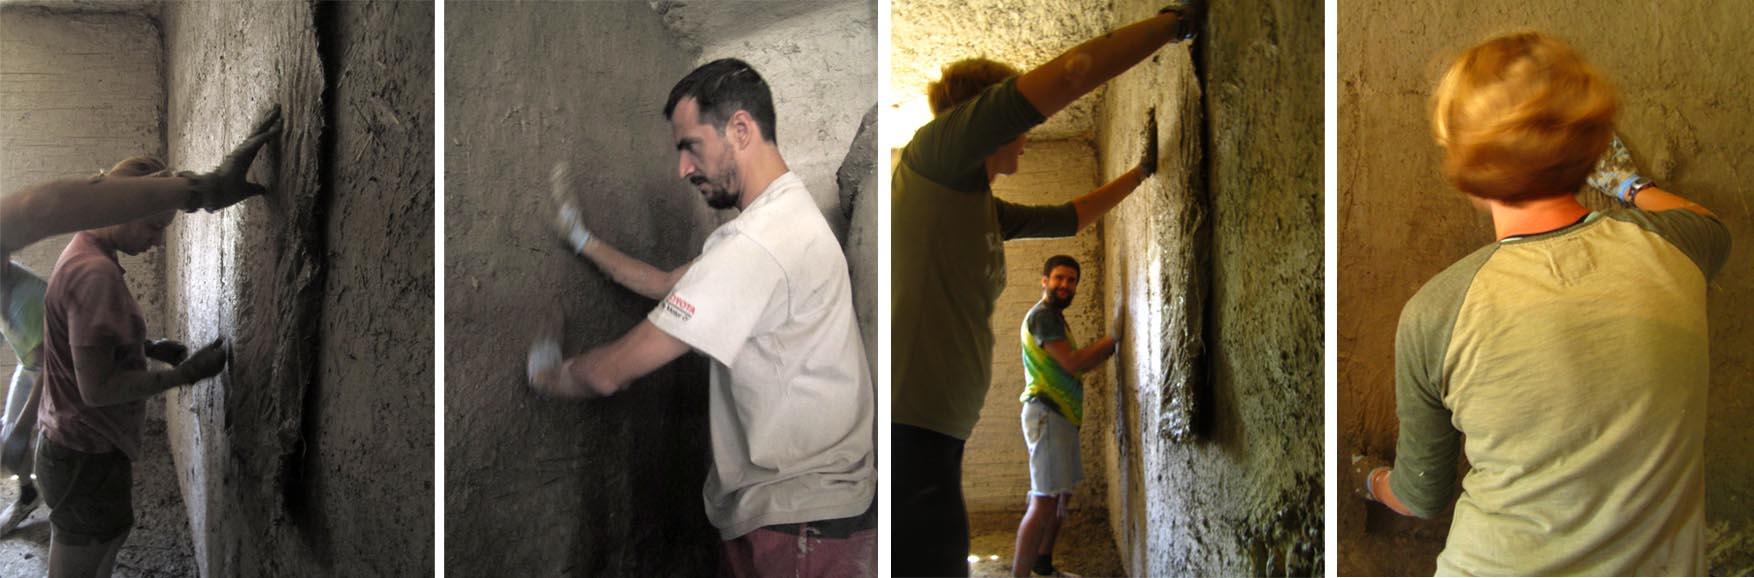 84 mORA 2015 malterisanje zidova blatnim malterima